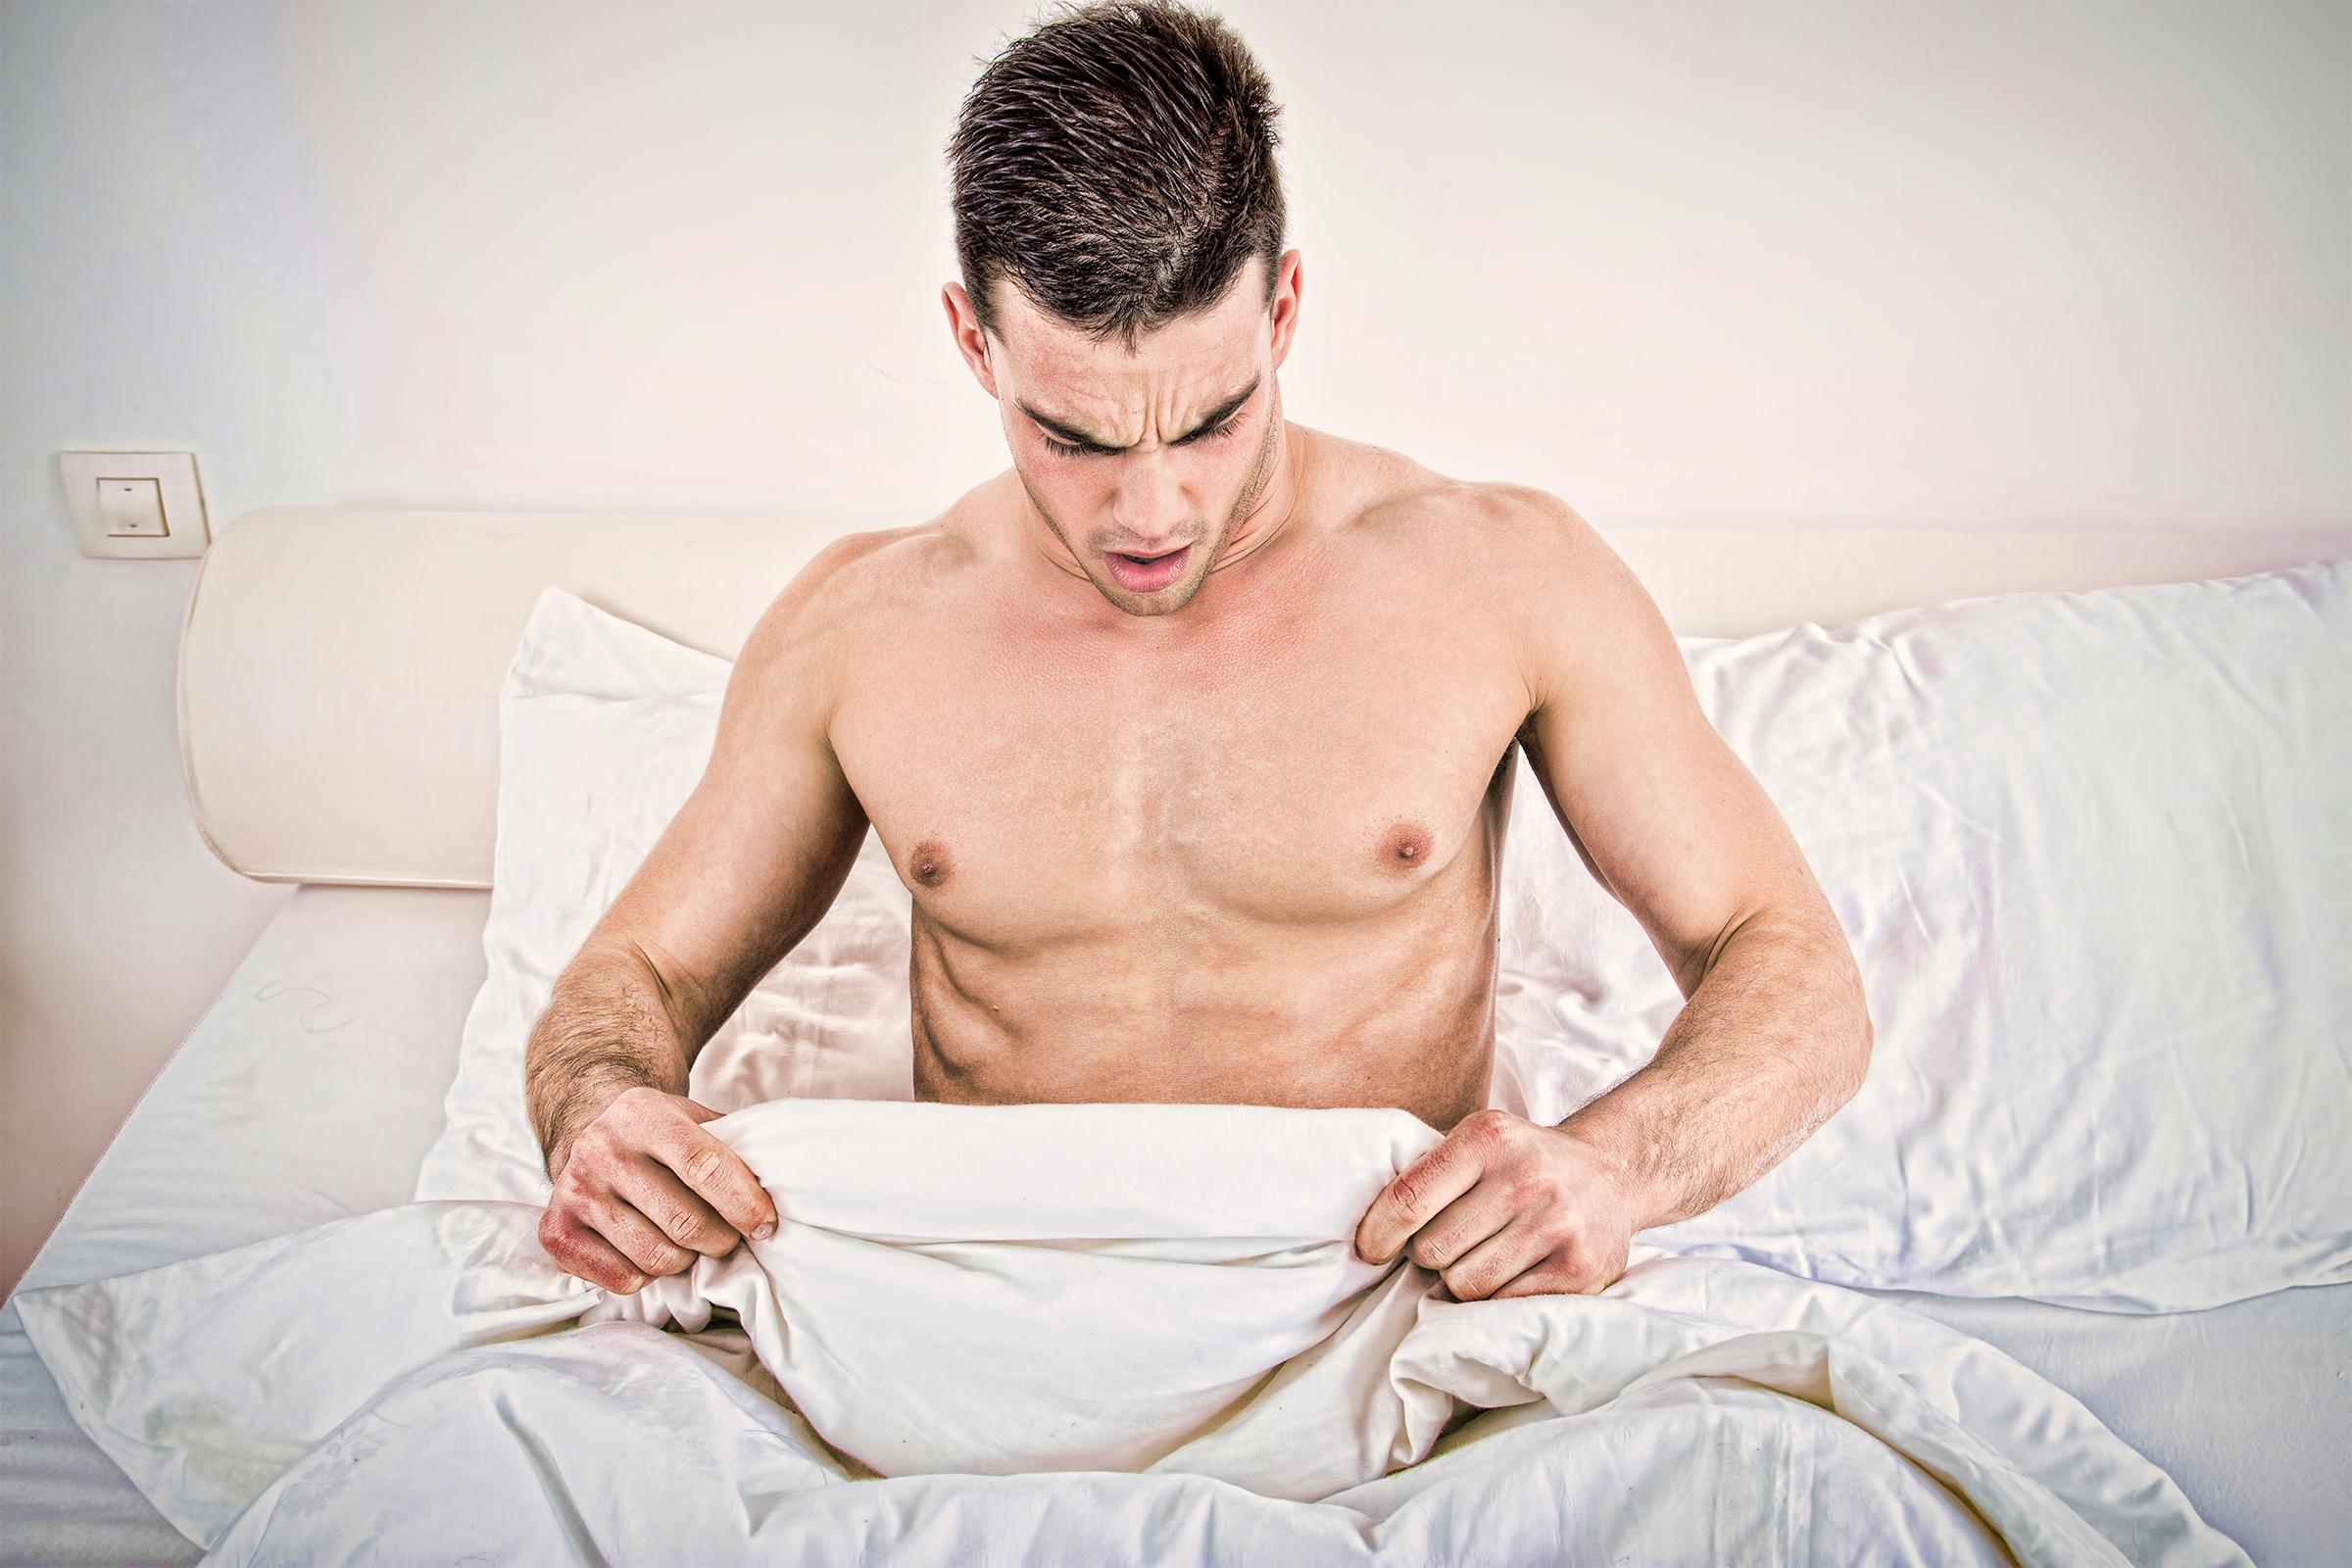 hogyan vágják le a hímvesszőt a férfiaknál hogyan lehet helyreállítani az erekciót a prosztatectomia után